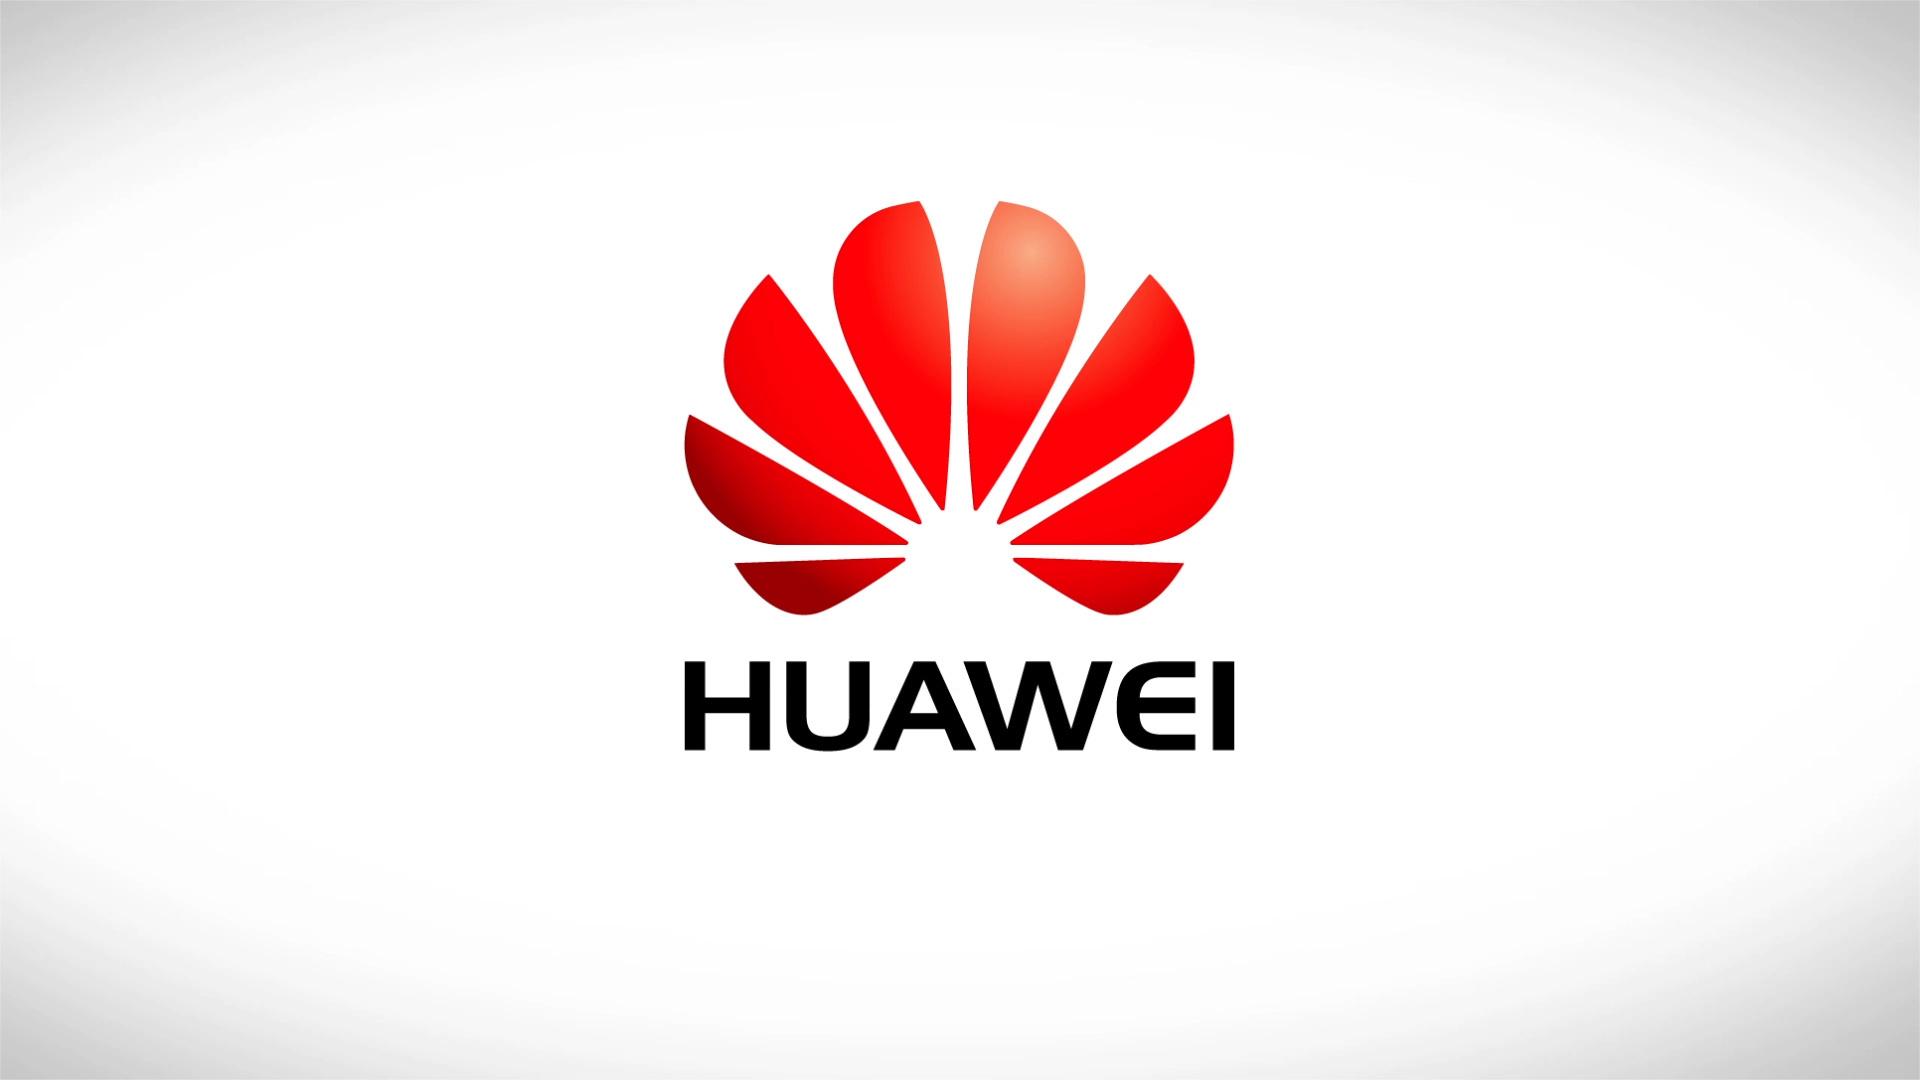 最新进展!华为向美国通信运营商授权5G技术!